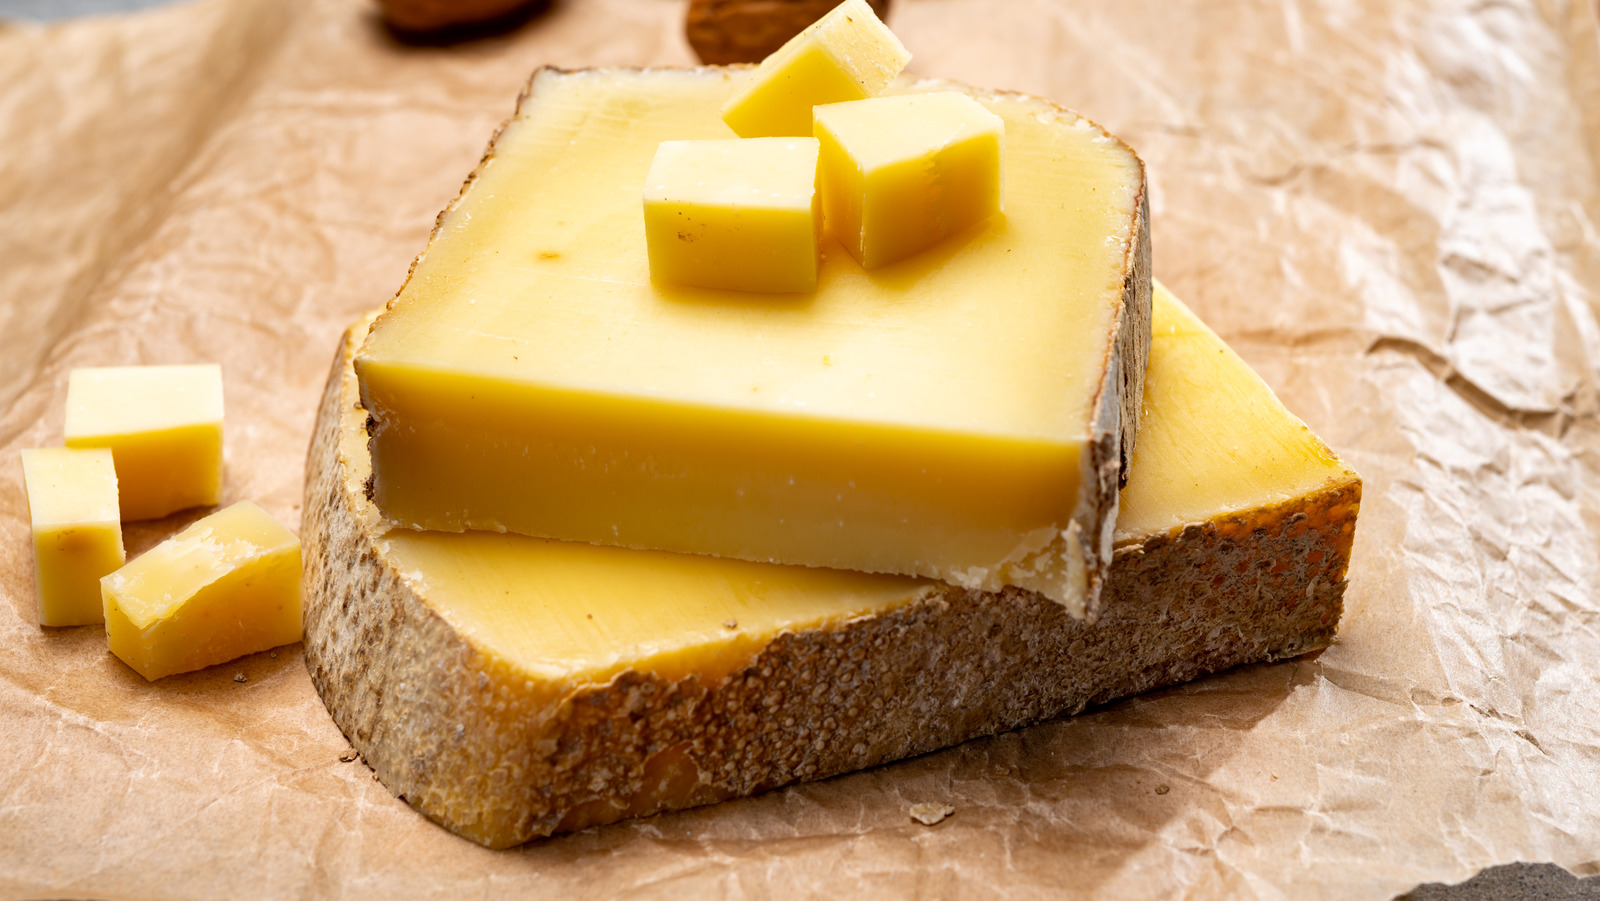 ชีสมีกี่ประเภท กรูแยร์ ชีส Gruyere cheese